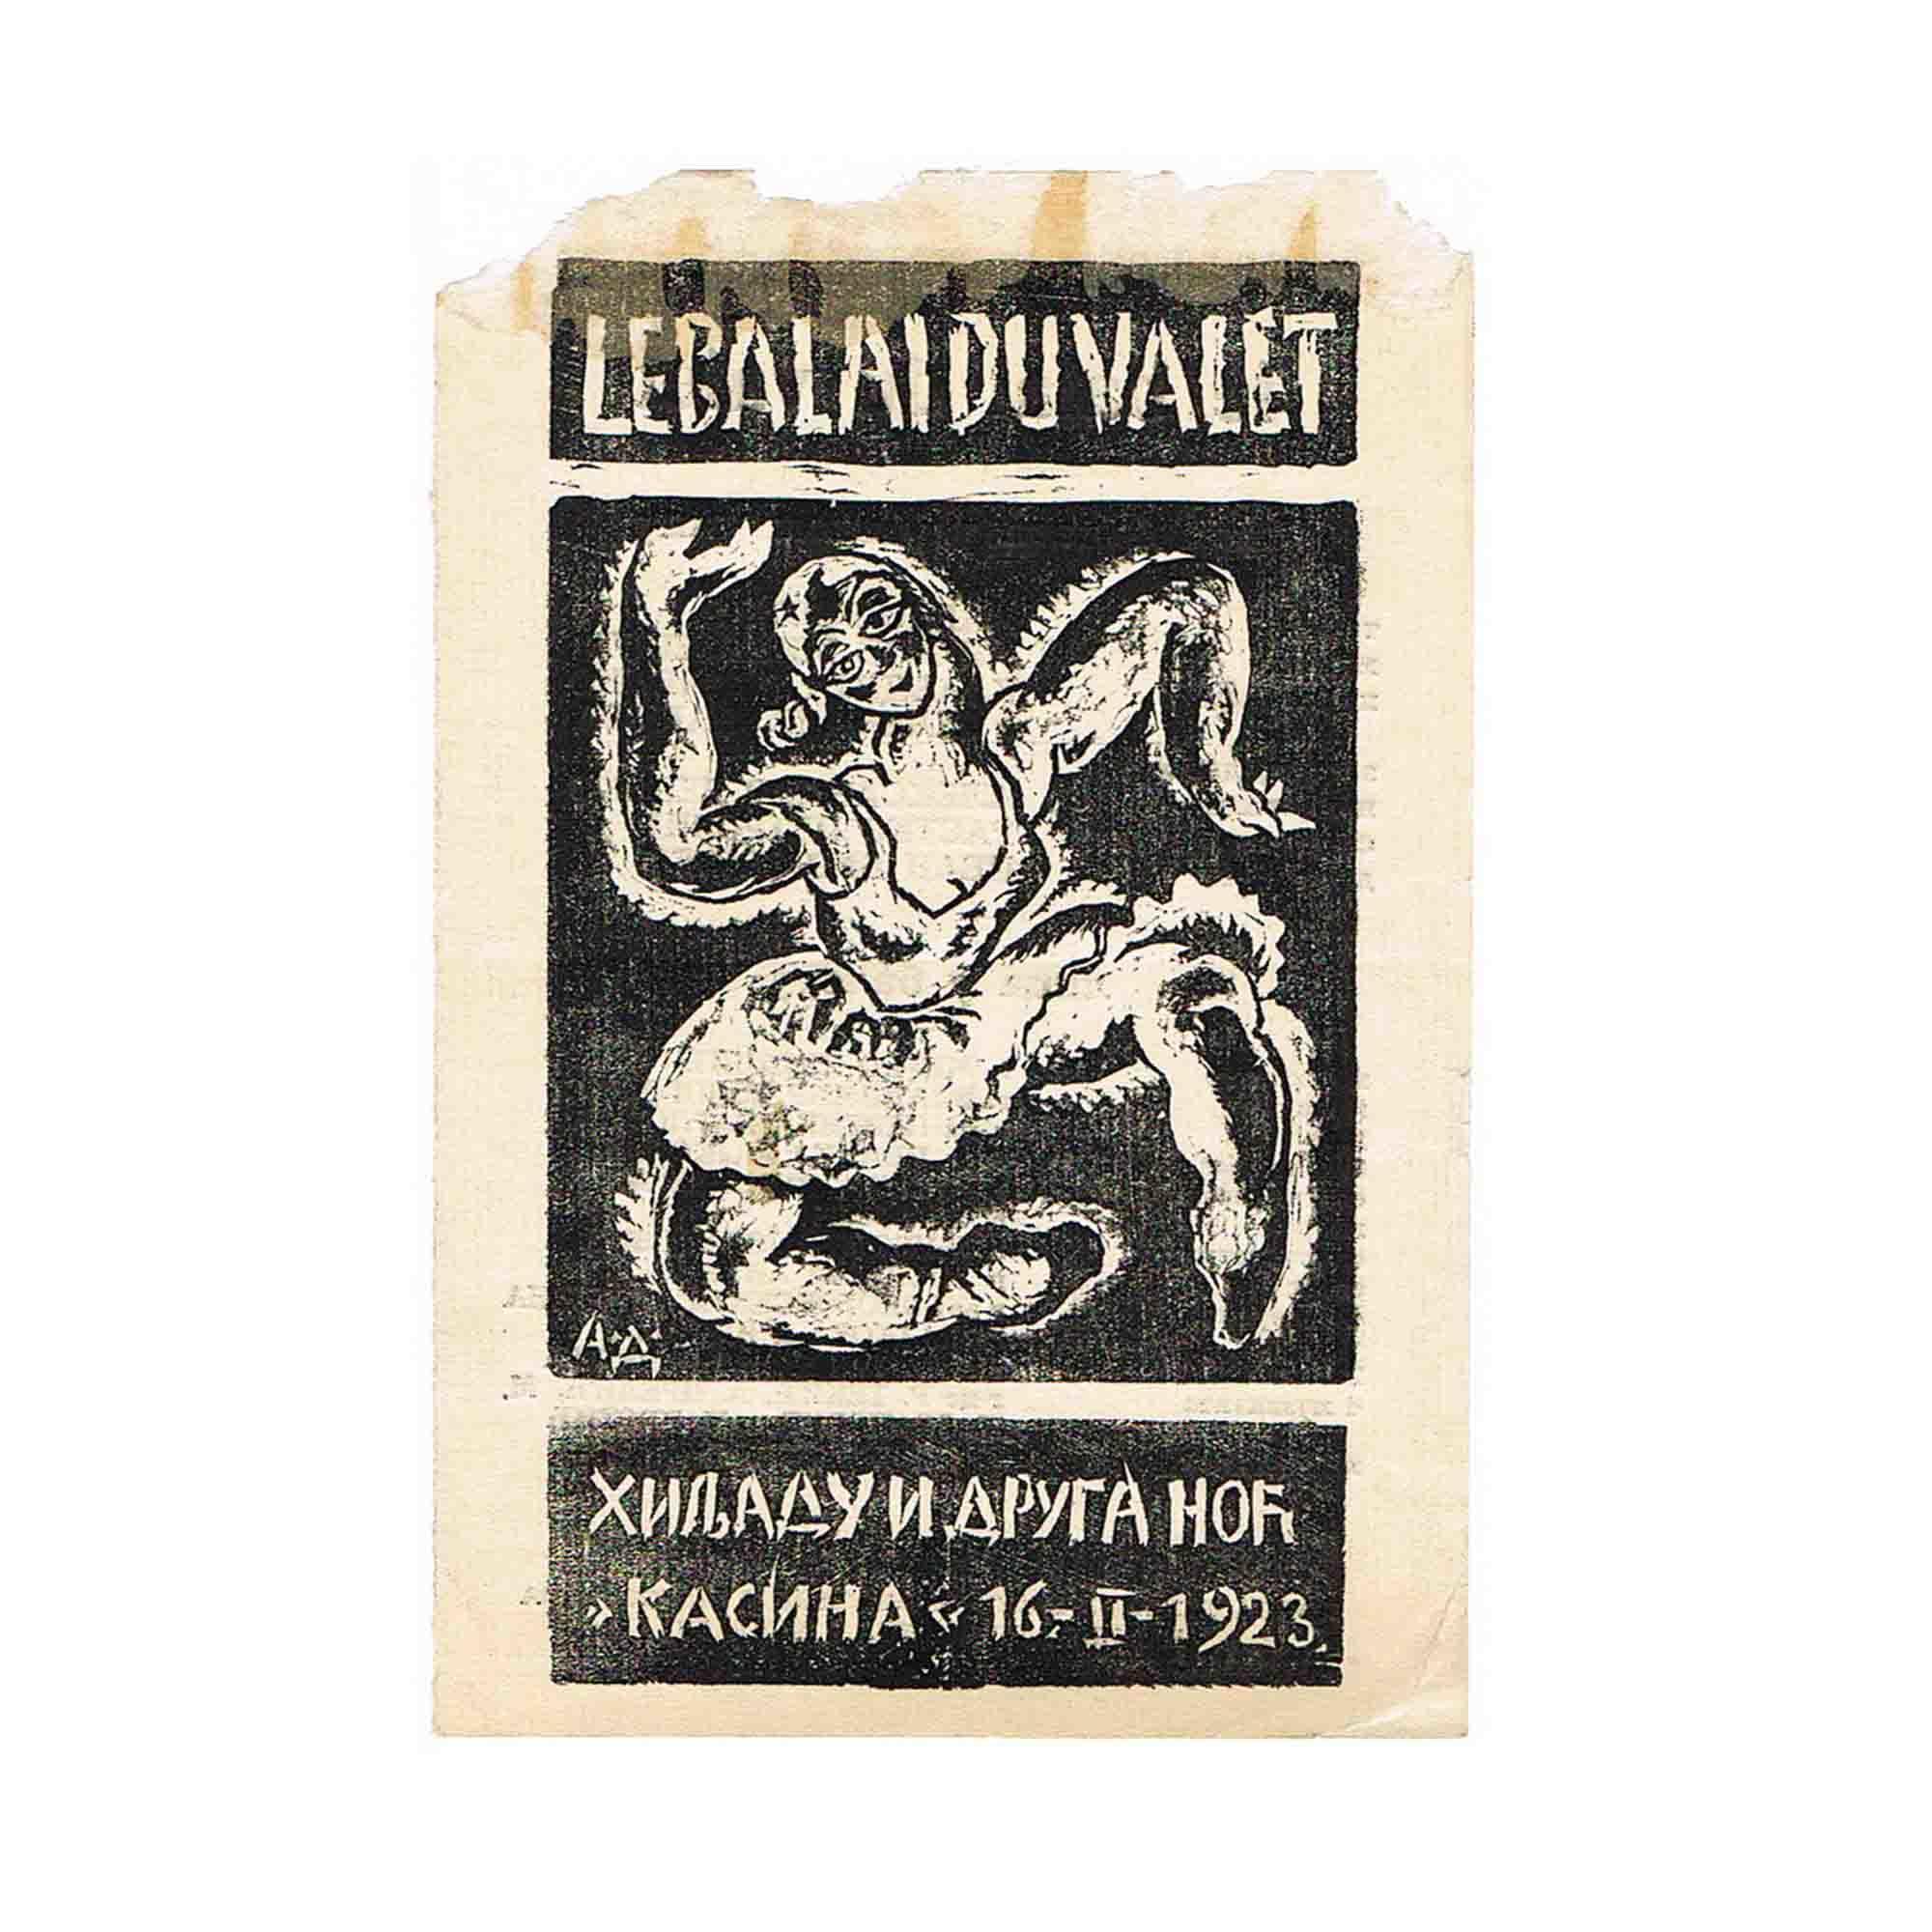 5080 Milojevic Ristic Balai Programm 1923 1 N